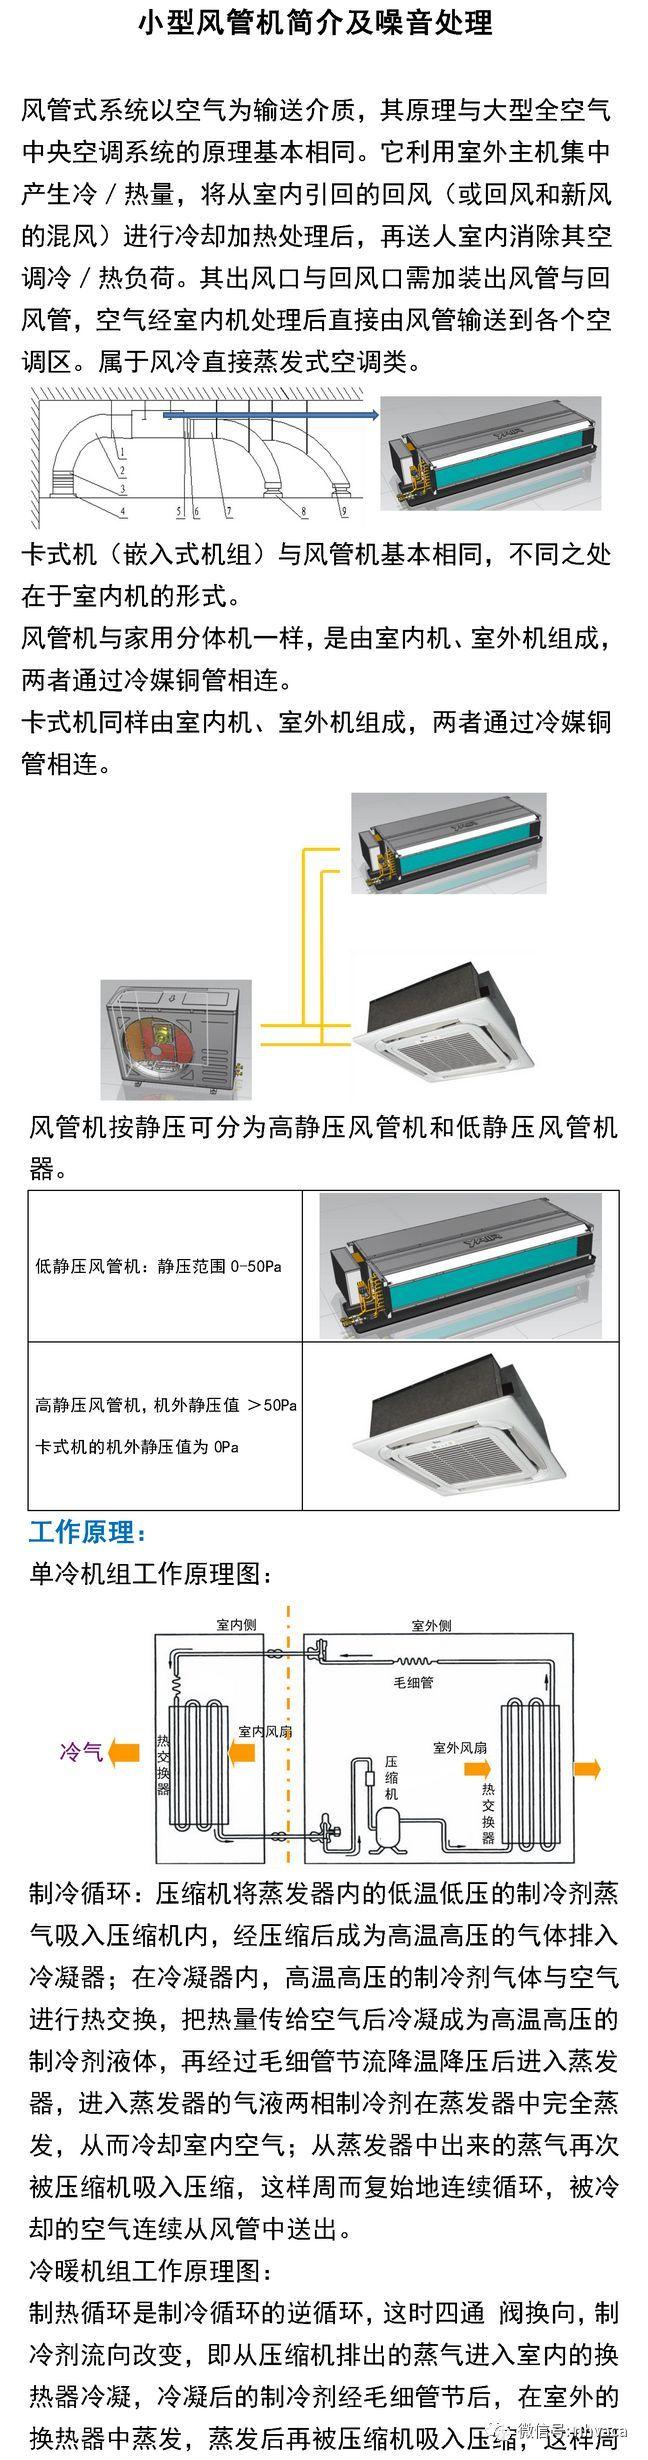 小型风管机简介及噪音处理